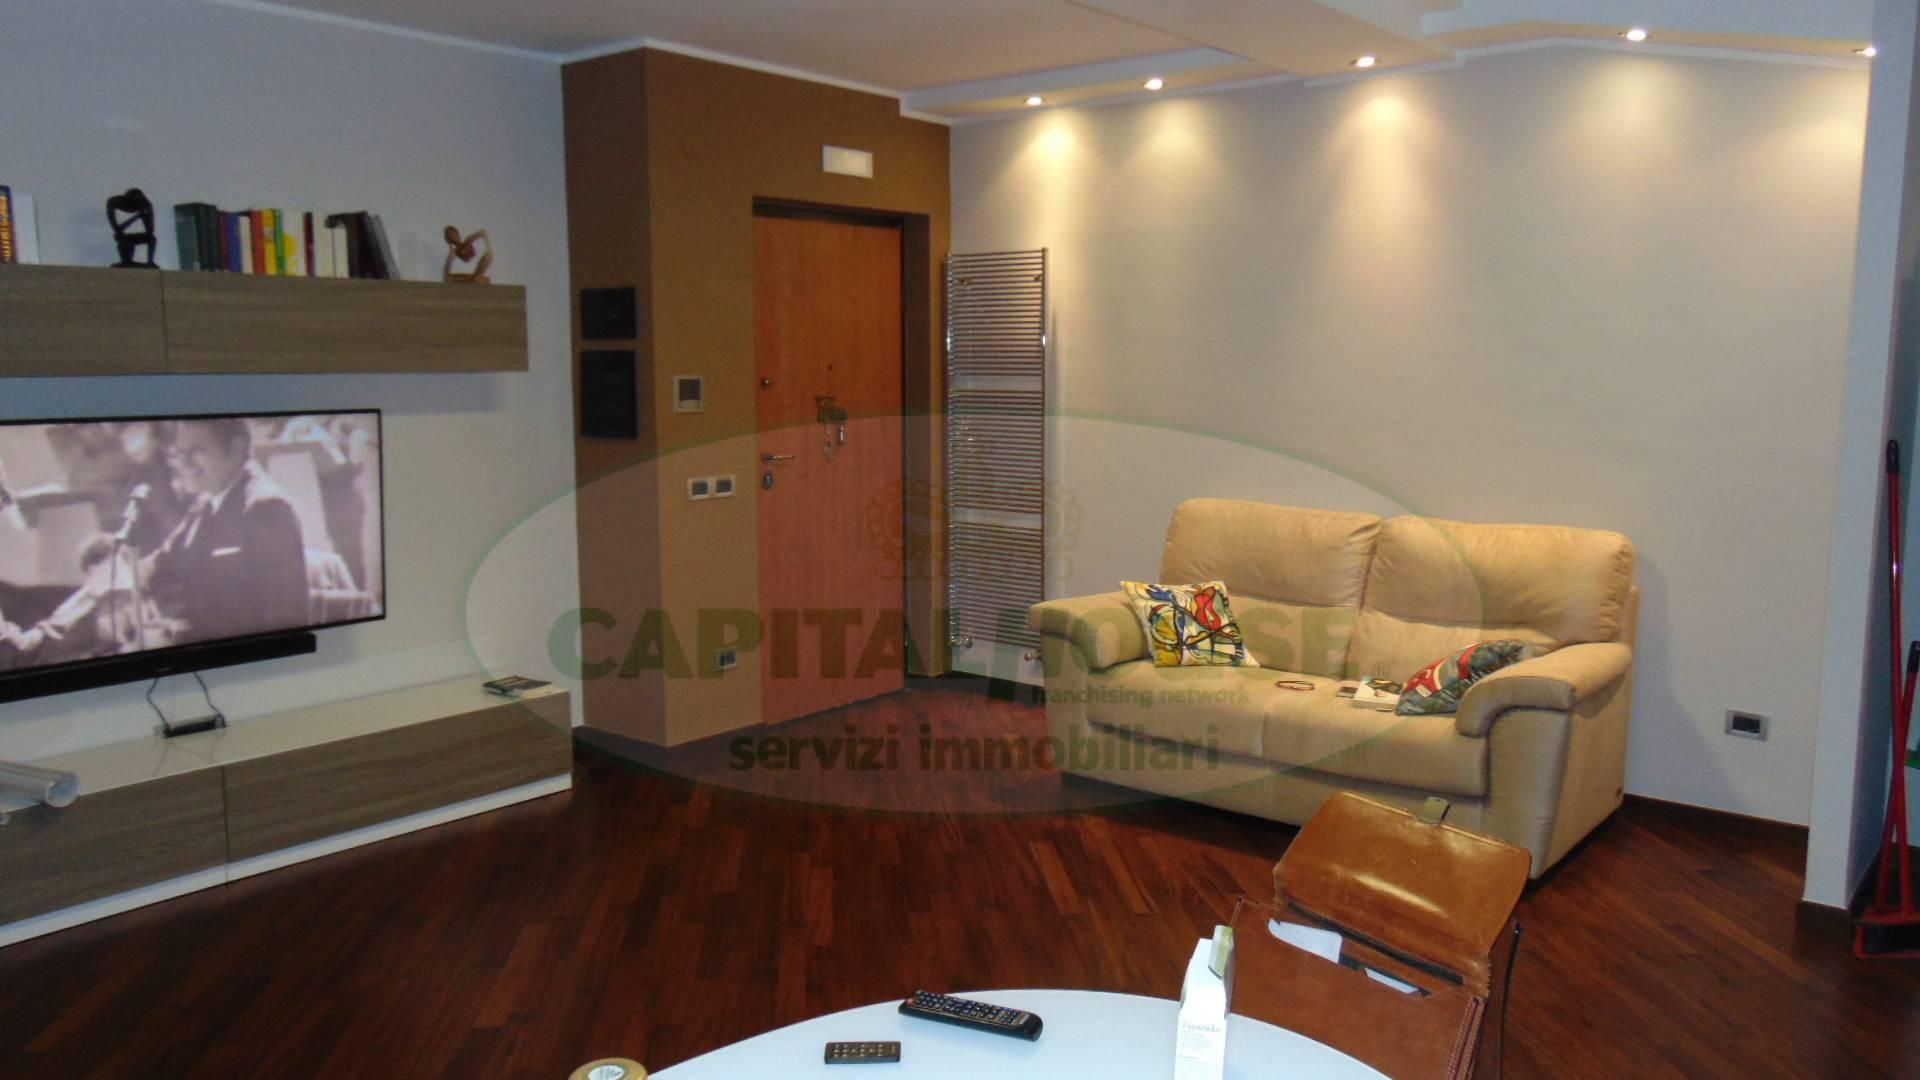 Appartamento in vendita a Quadrelle, 3 locali, prezzo € 126.000 | PortaleAgenzieImmobiliari.it